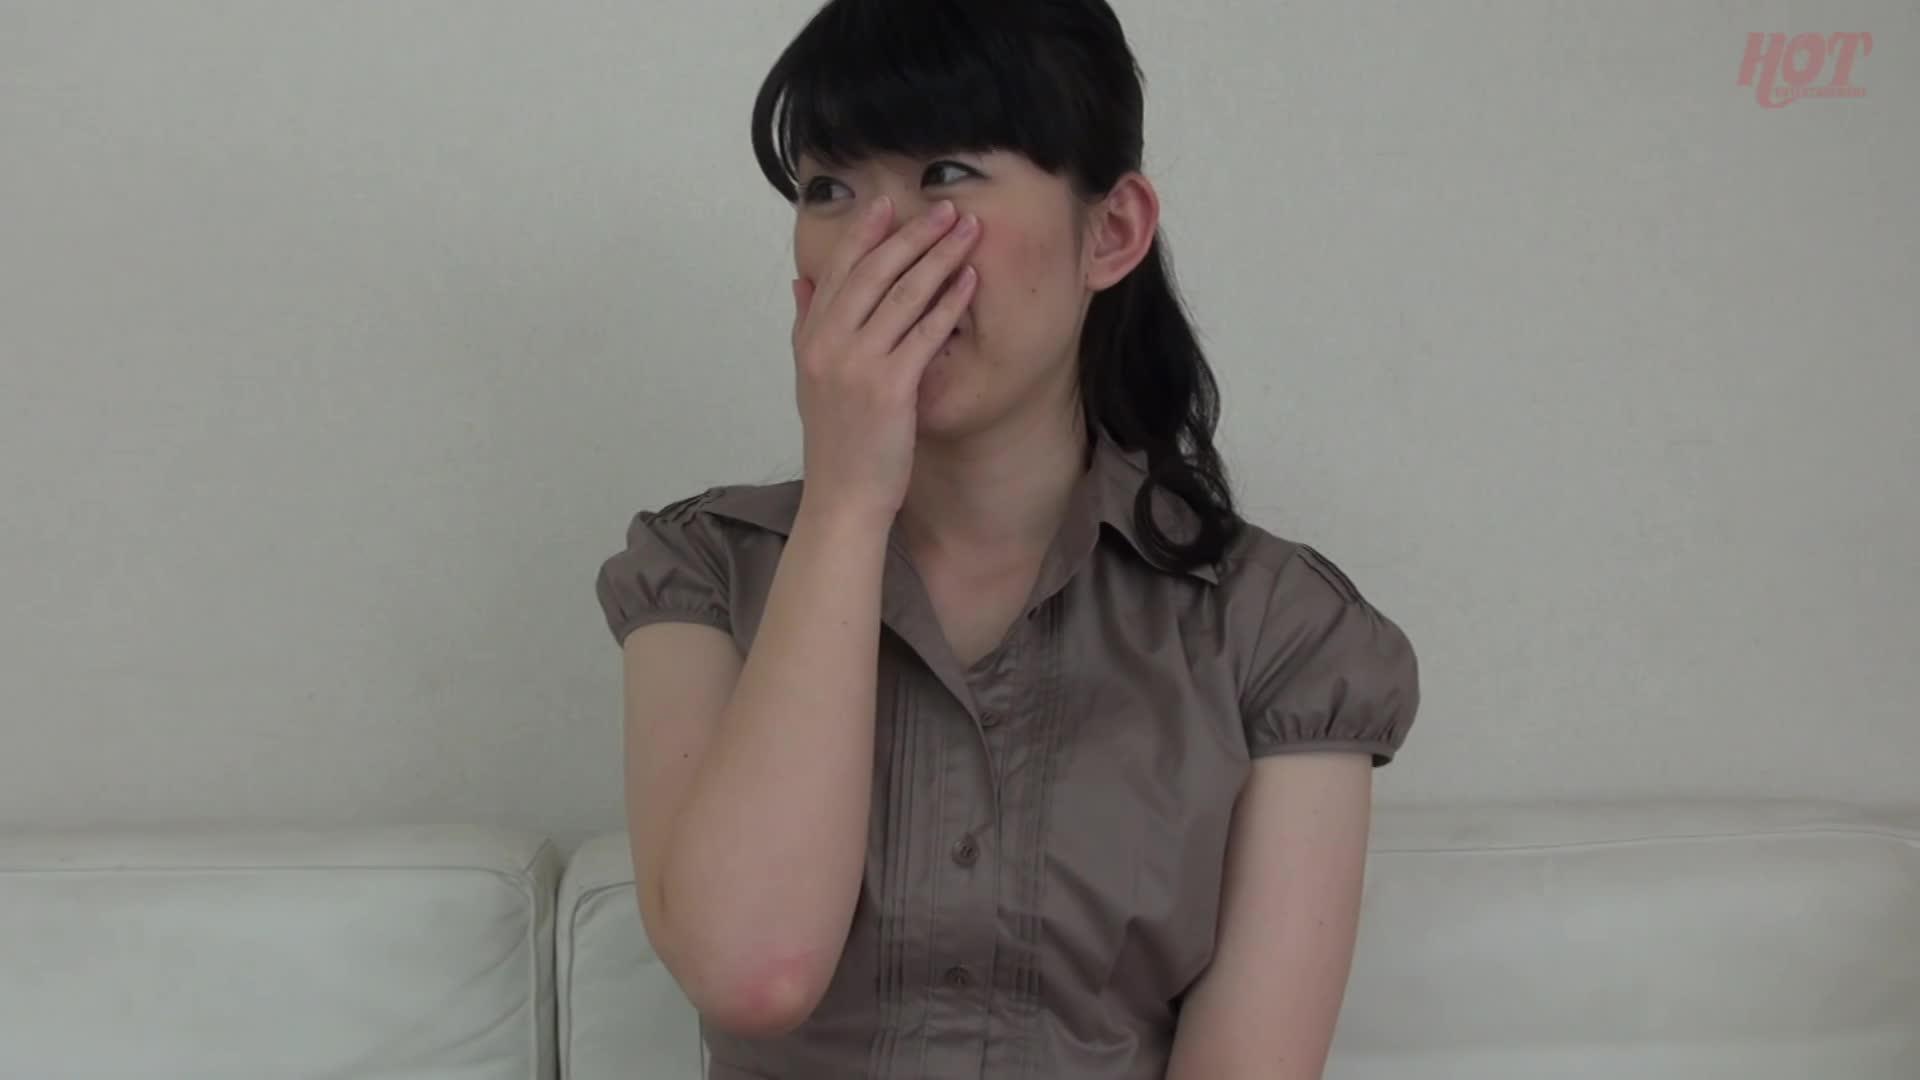 熟女が恥らうセンズリ鑑賞21